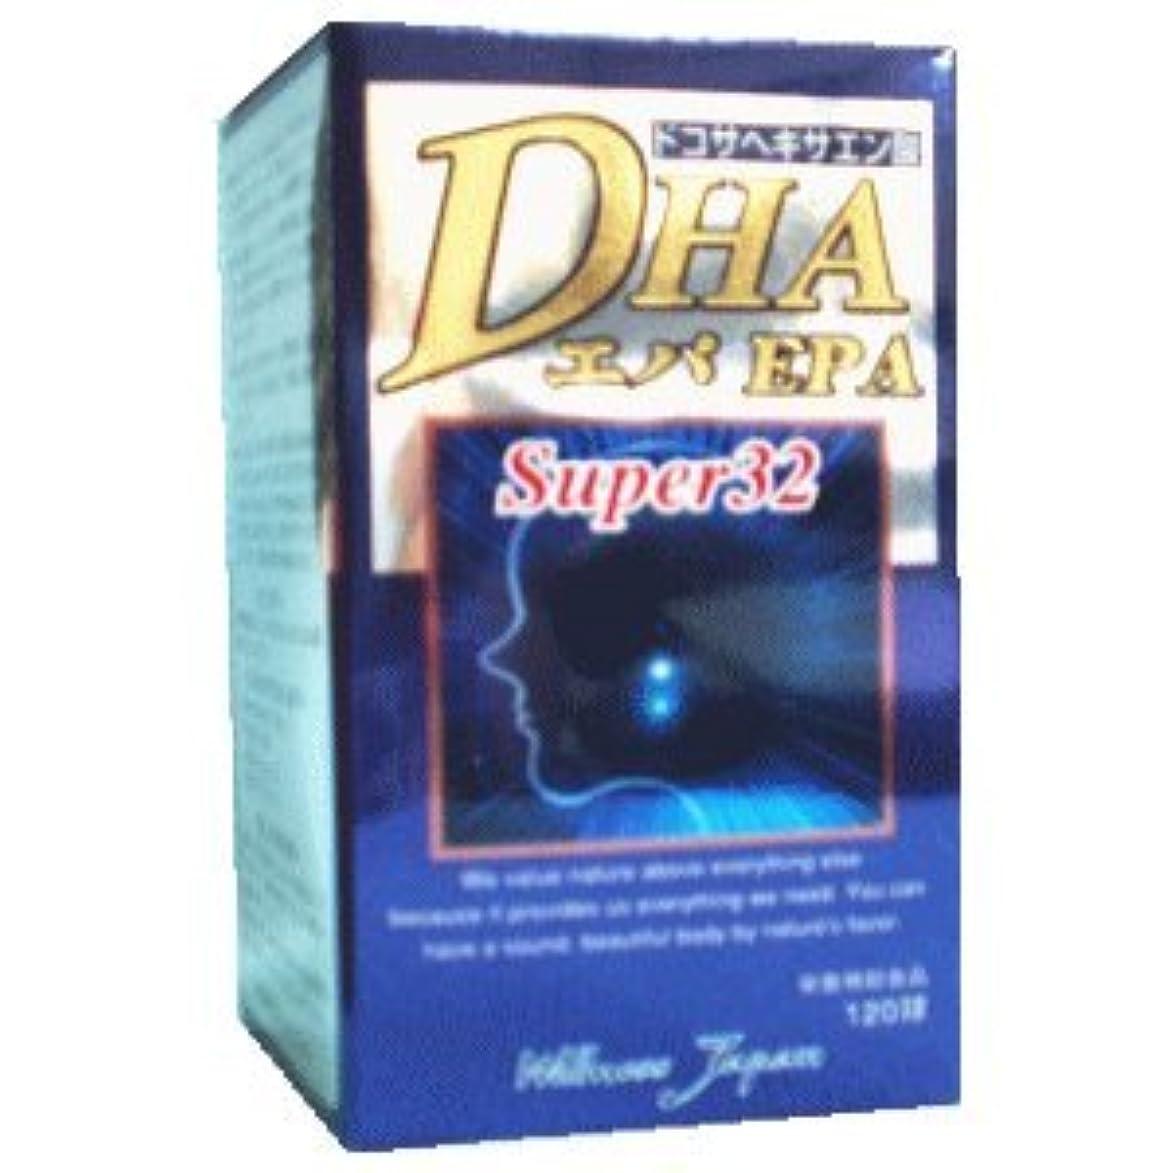 ウィンク餌抽象化DHAエパスーパー32 120球×(3セット)